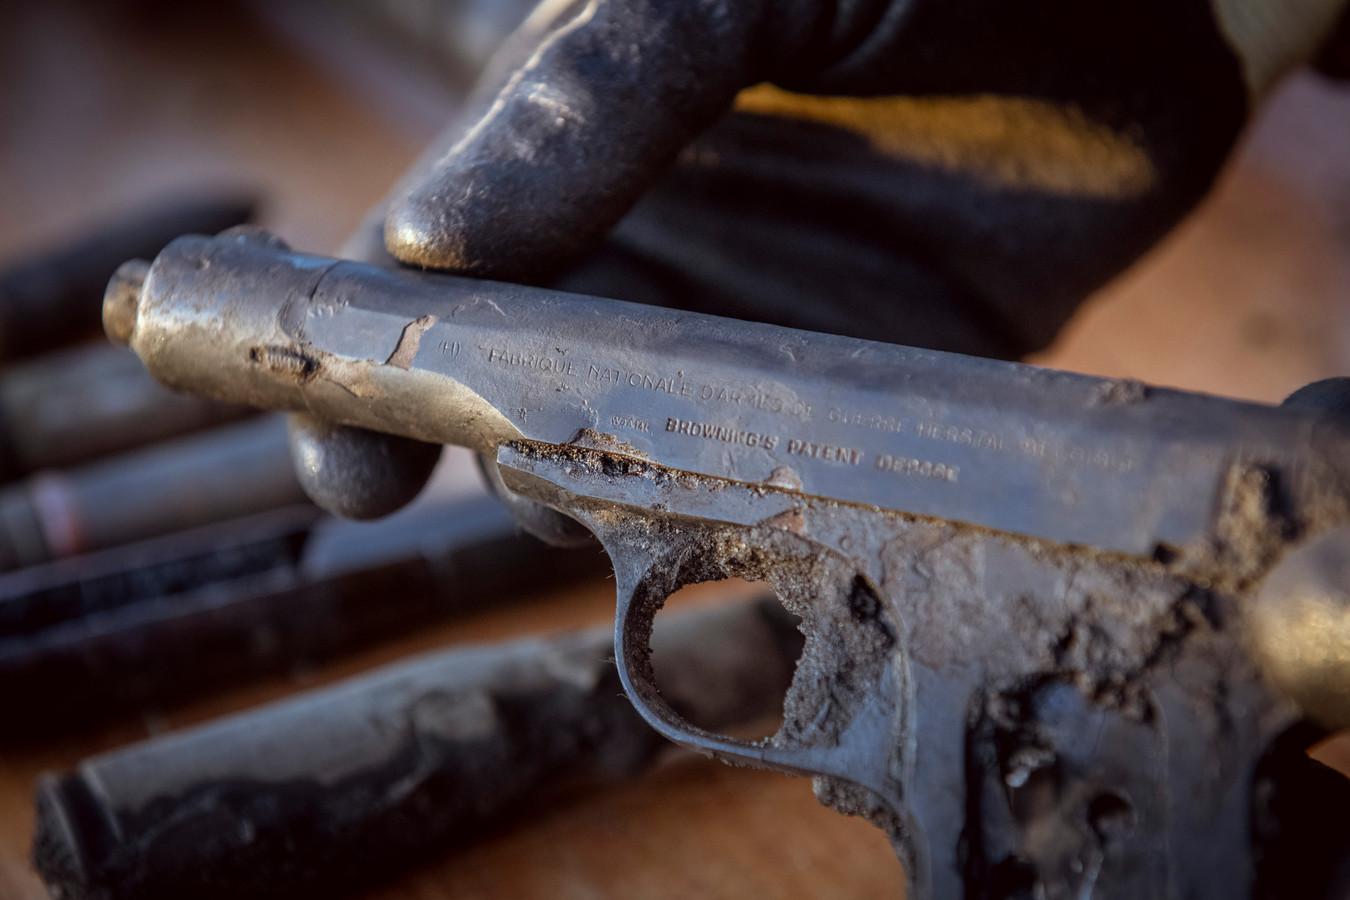 Het pistool dat de piloot van een Duitse Messerschmitt bij zich droeg toen hij met zijn jachtvliegtuig bij Dalfsen werd neergehaald.